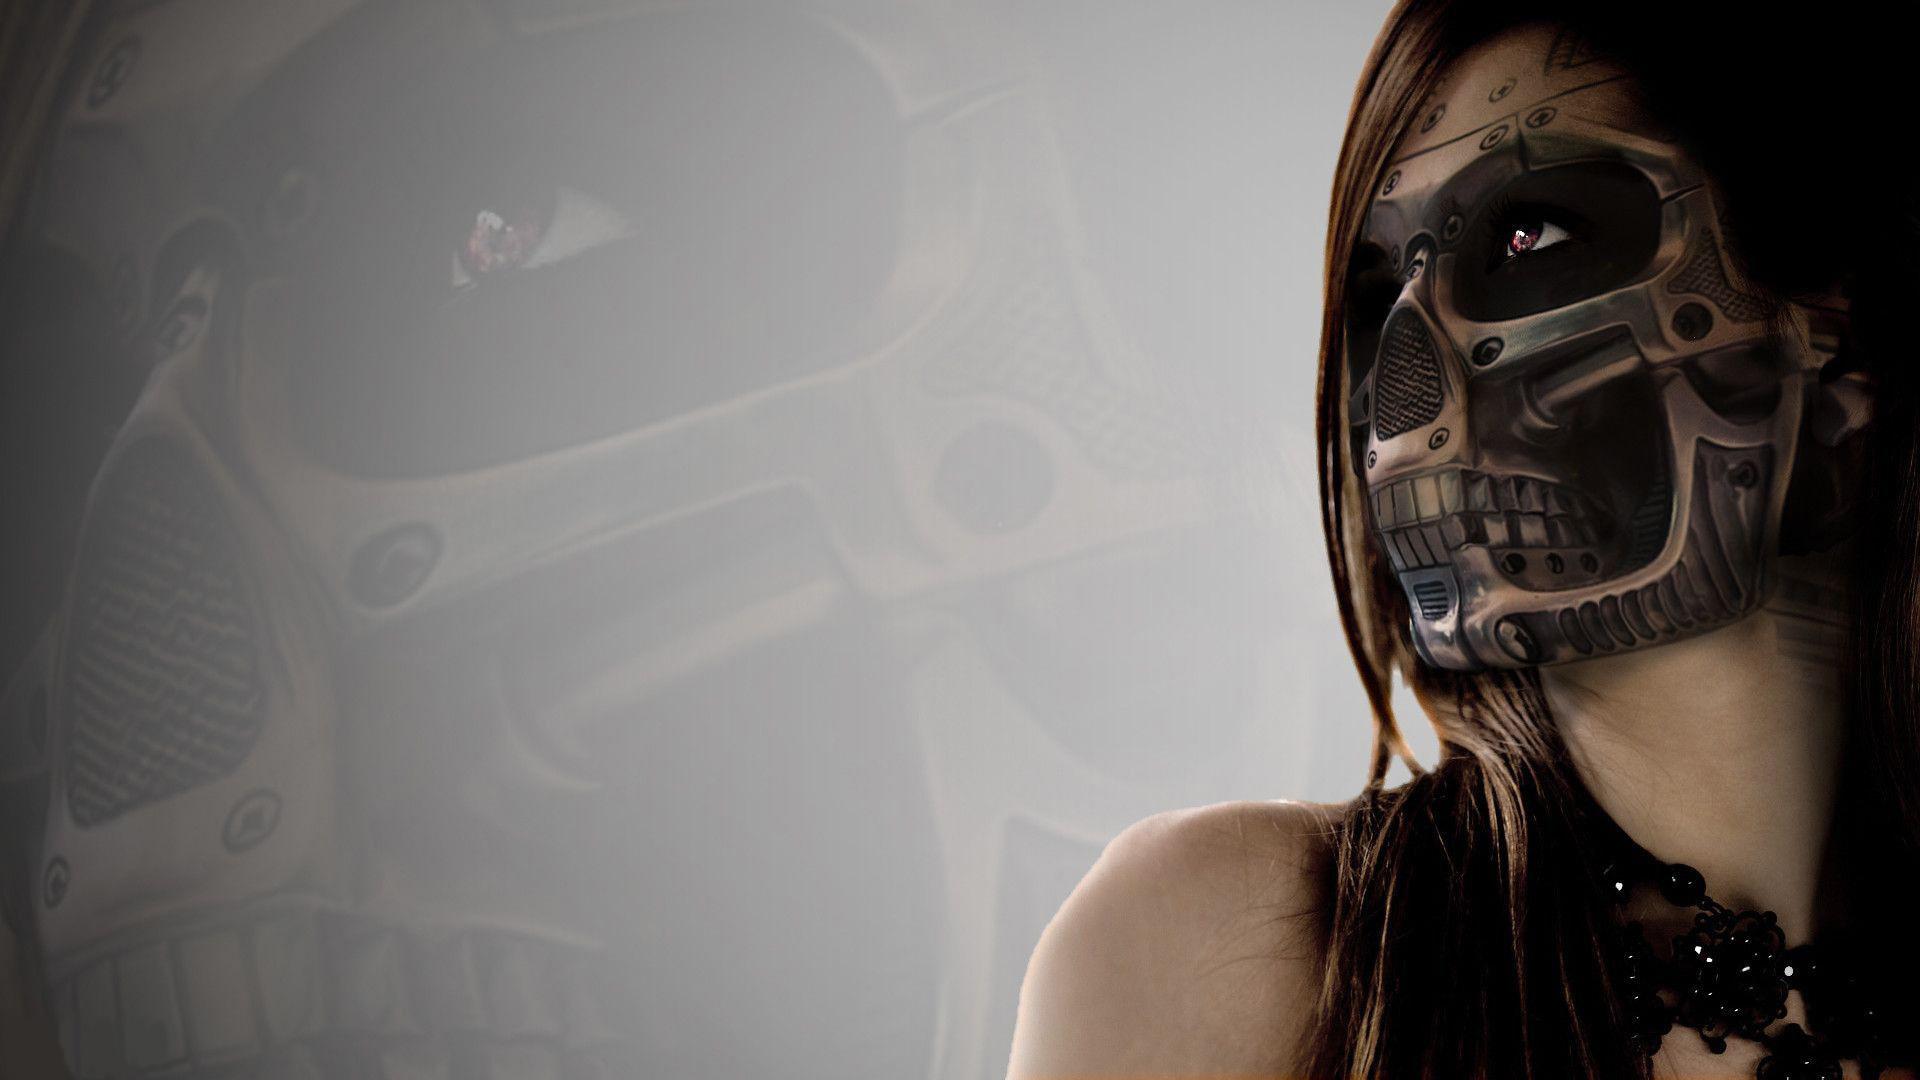 Cyberpunk Mask wallpaper image hd